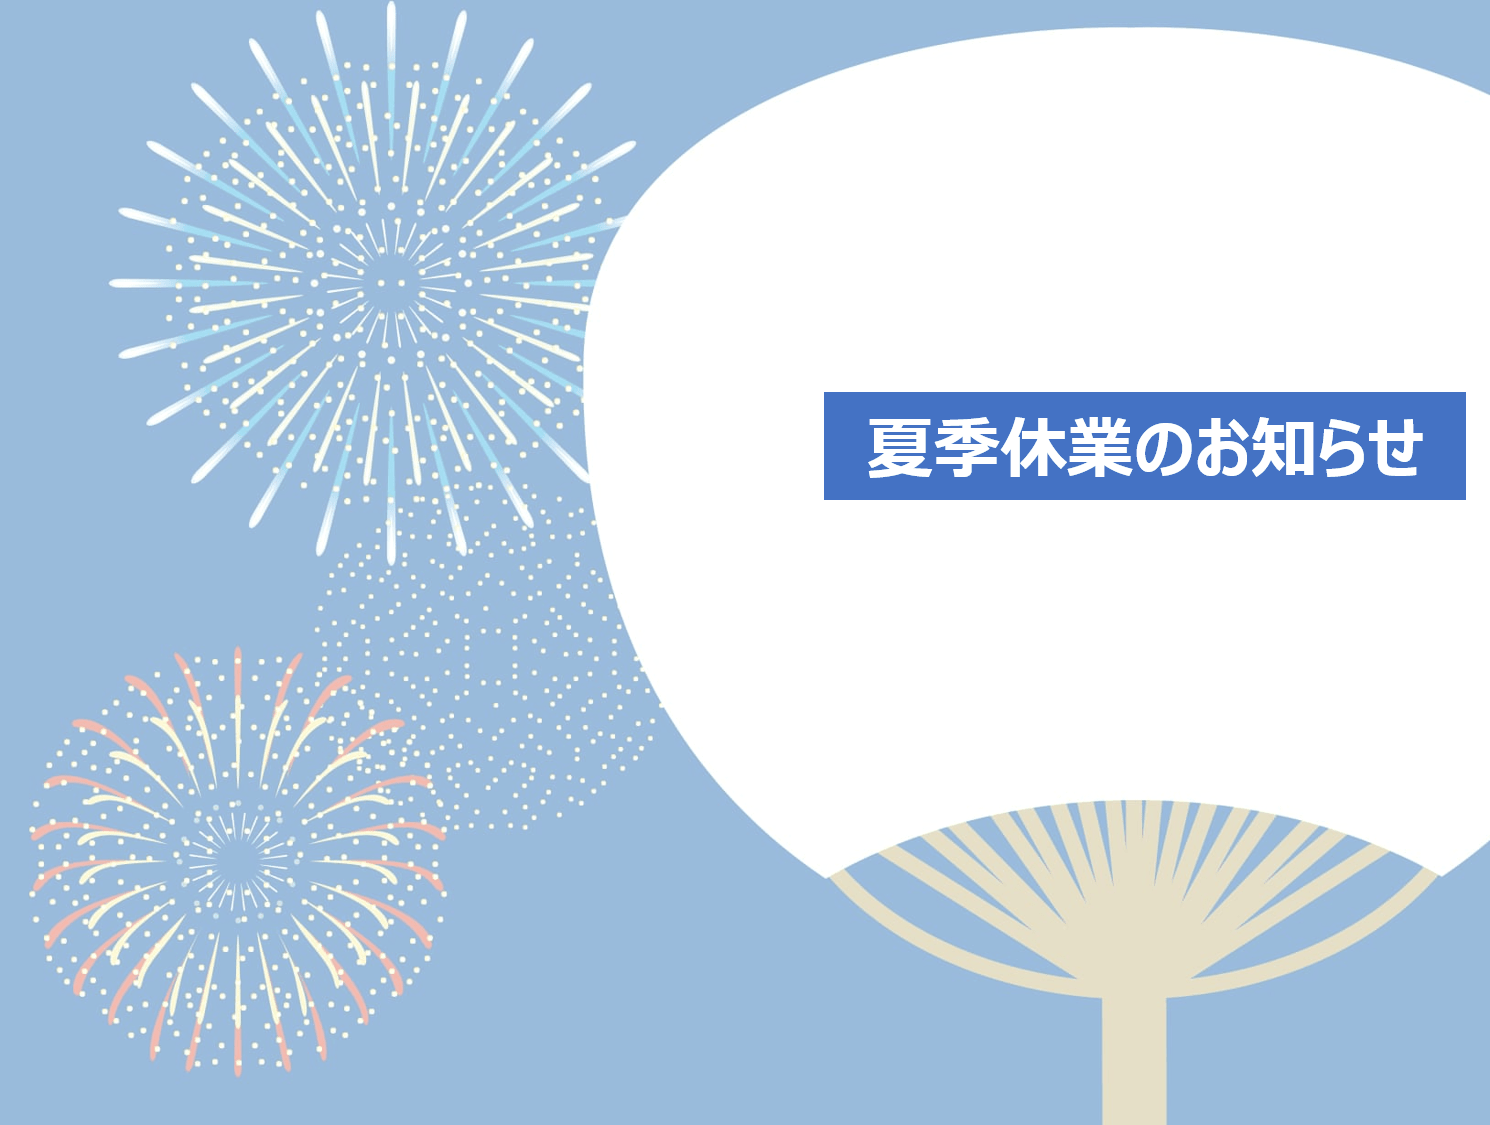 福岡の相続対策相談夏季休暇のお知らせ